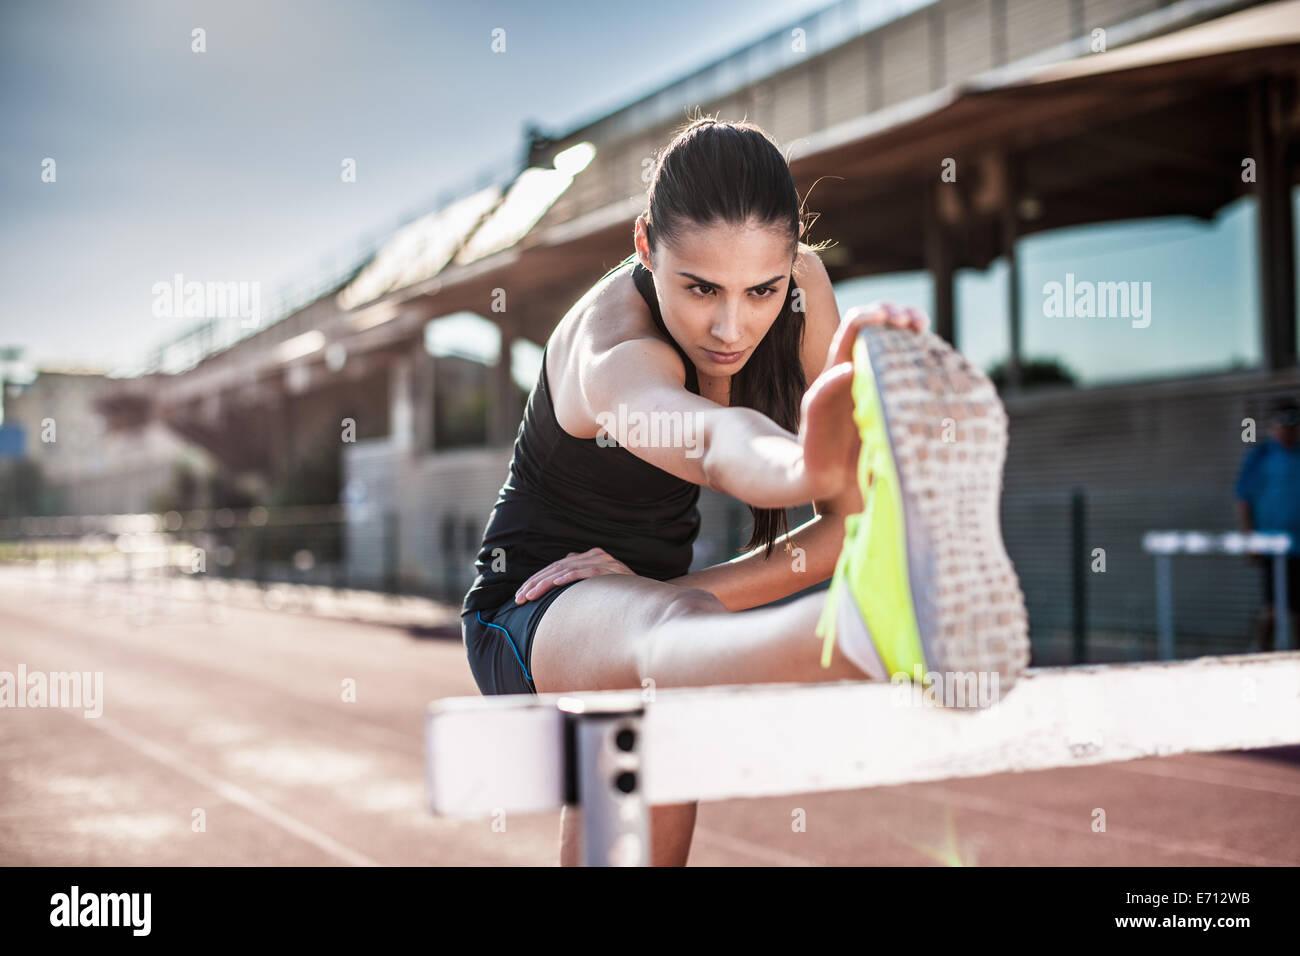 Jeune femme qui s'étend de la jambe sur obstacle Photo Stock